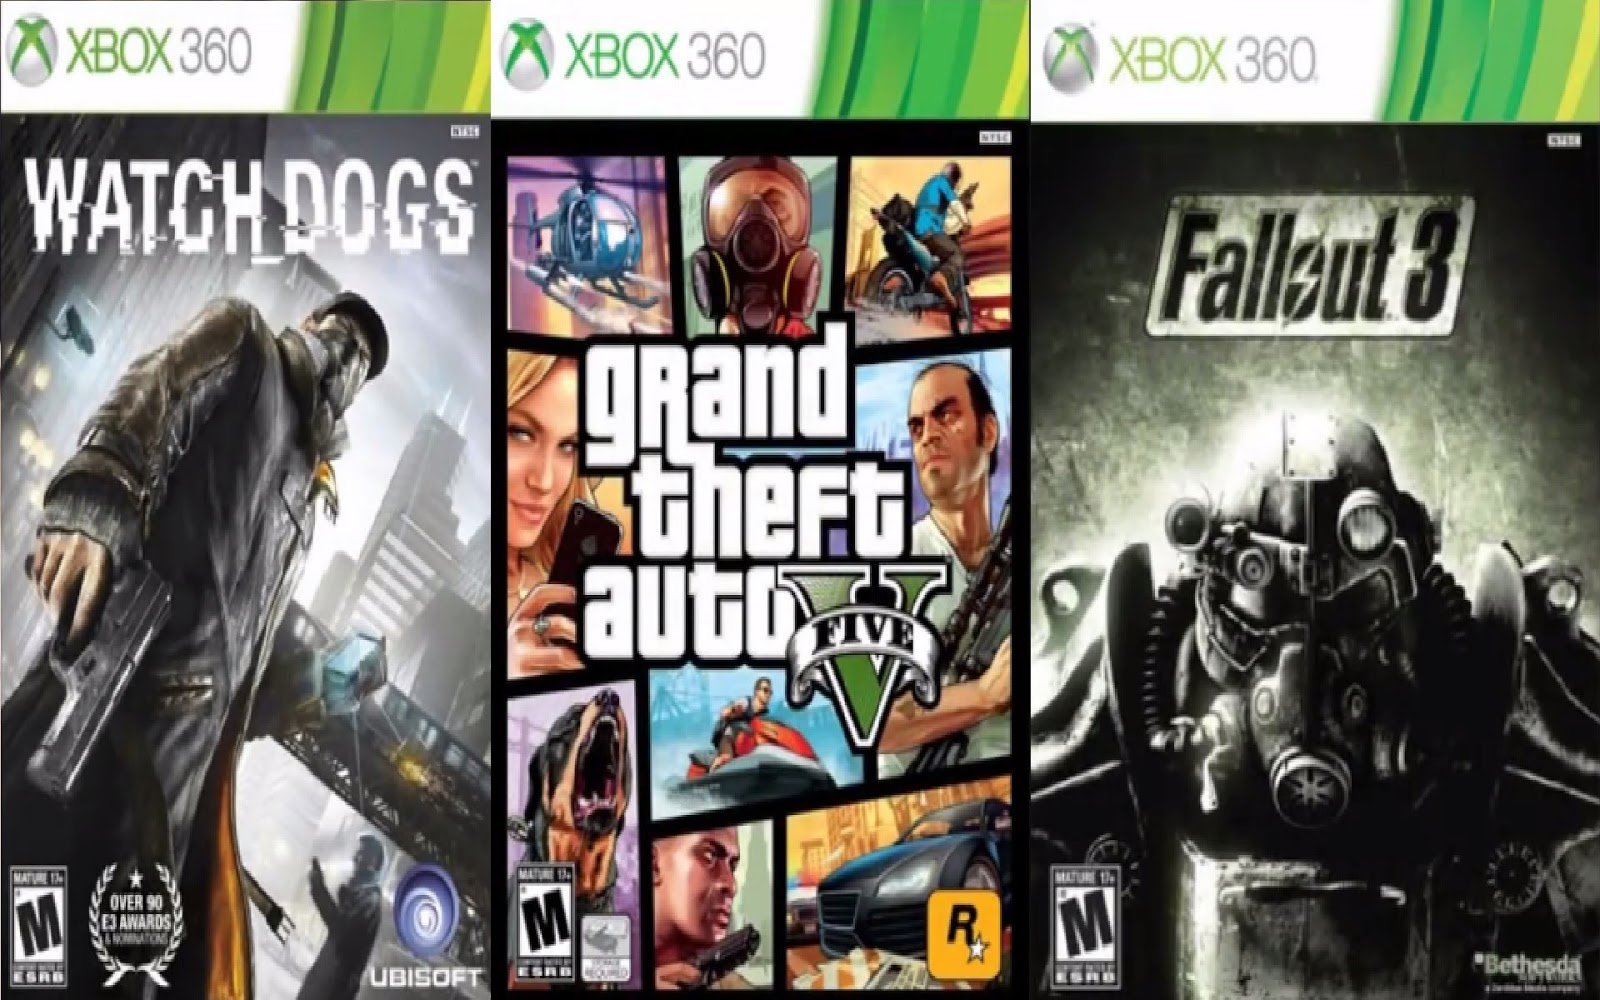 تحميل العاب اكس بوكس Games Xbox 360 مجانا برابط واحد مباشر مضغوطة